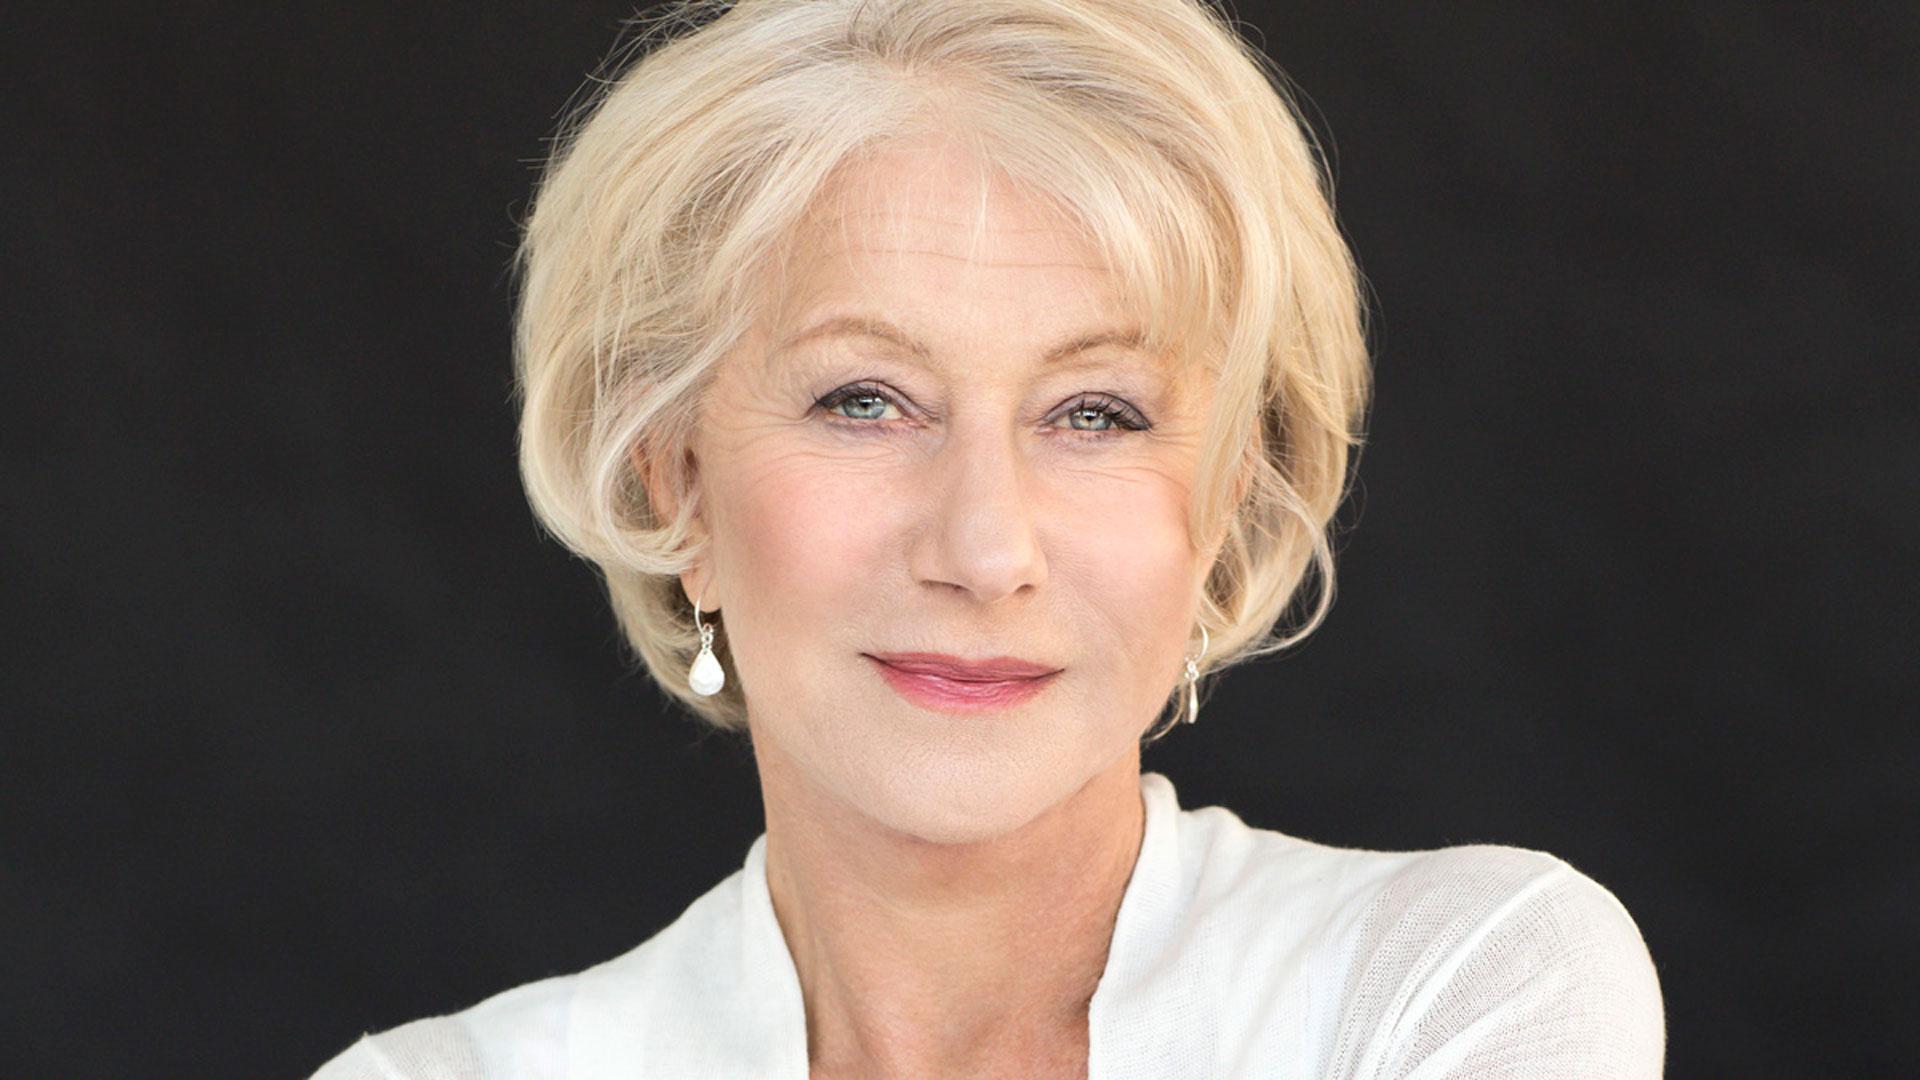 La actriz británica ocupó el sexto lugar